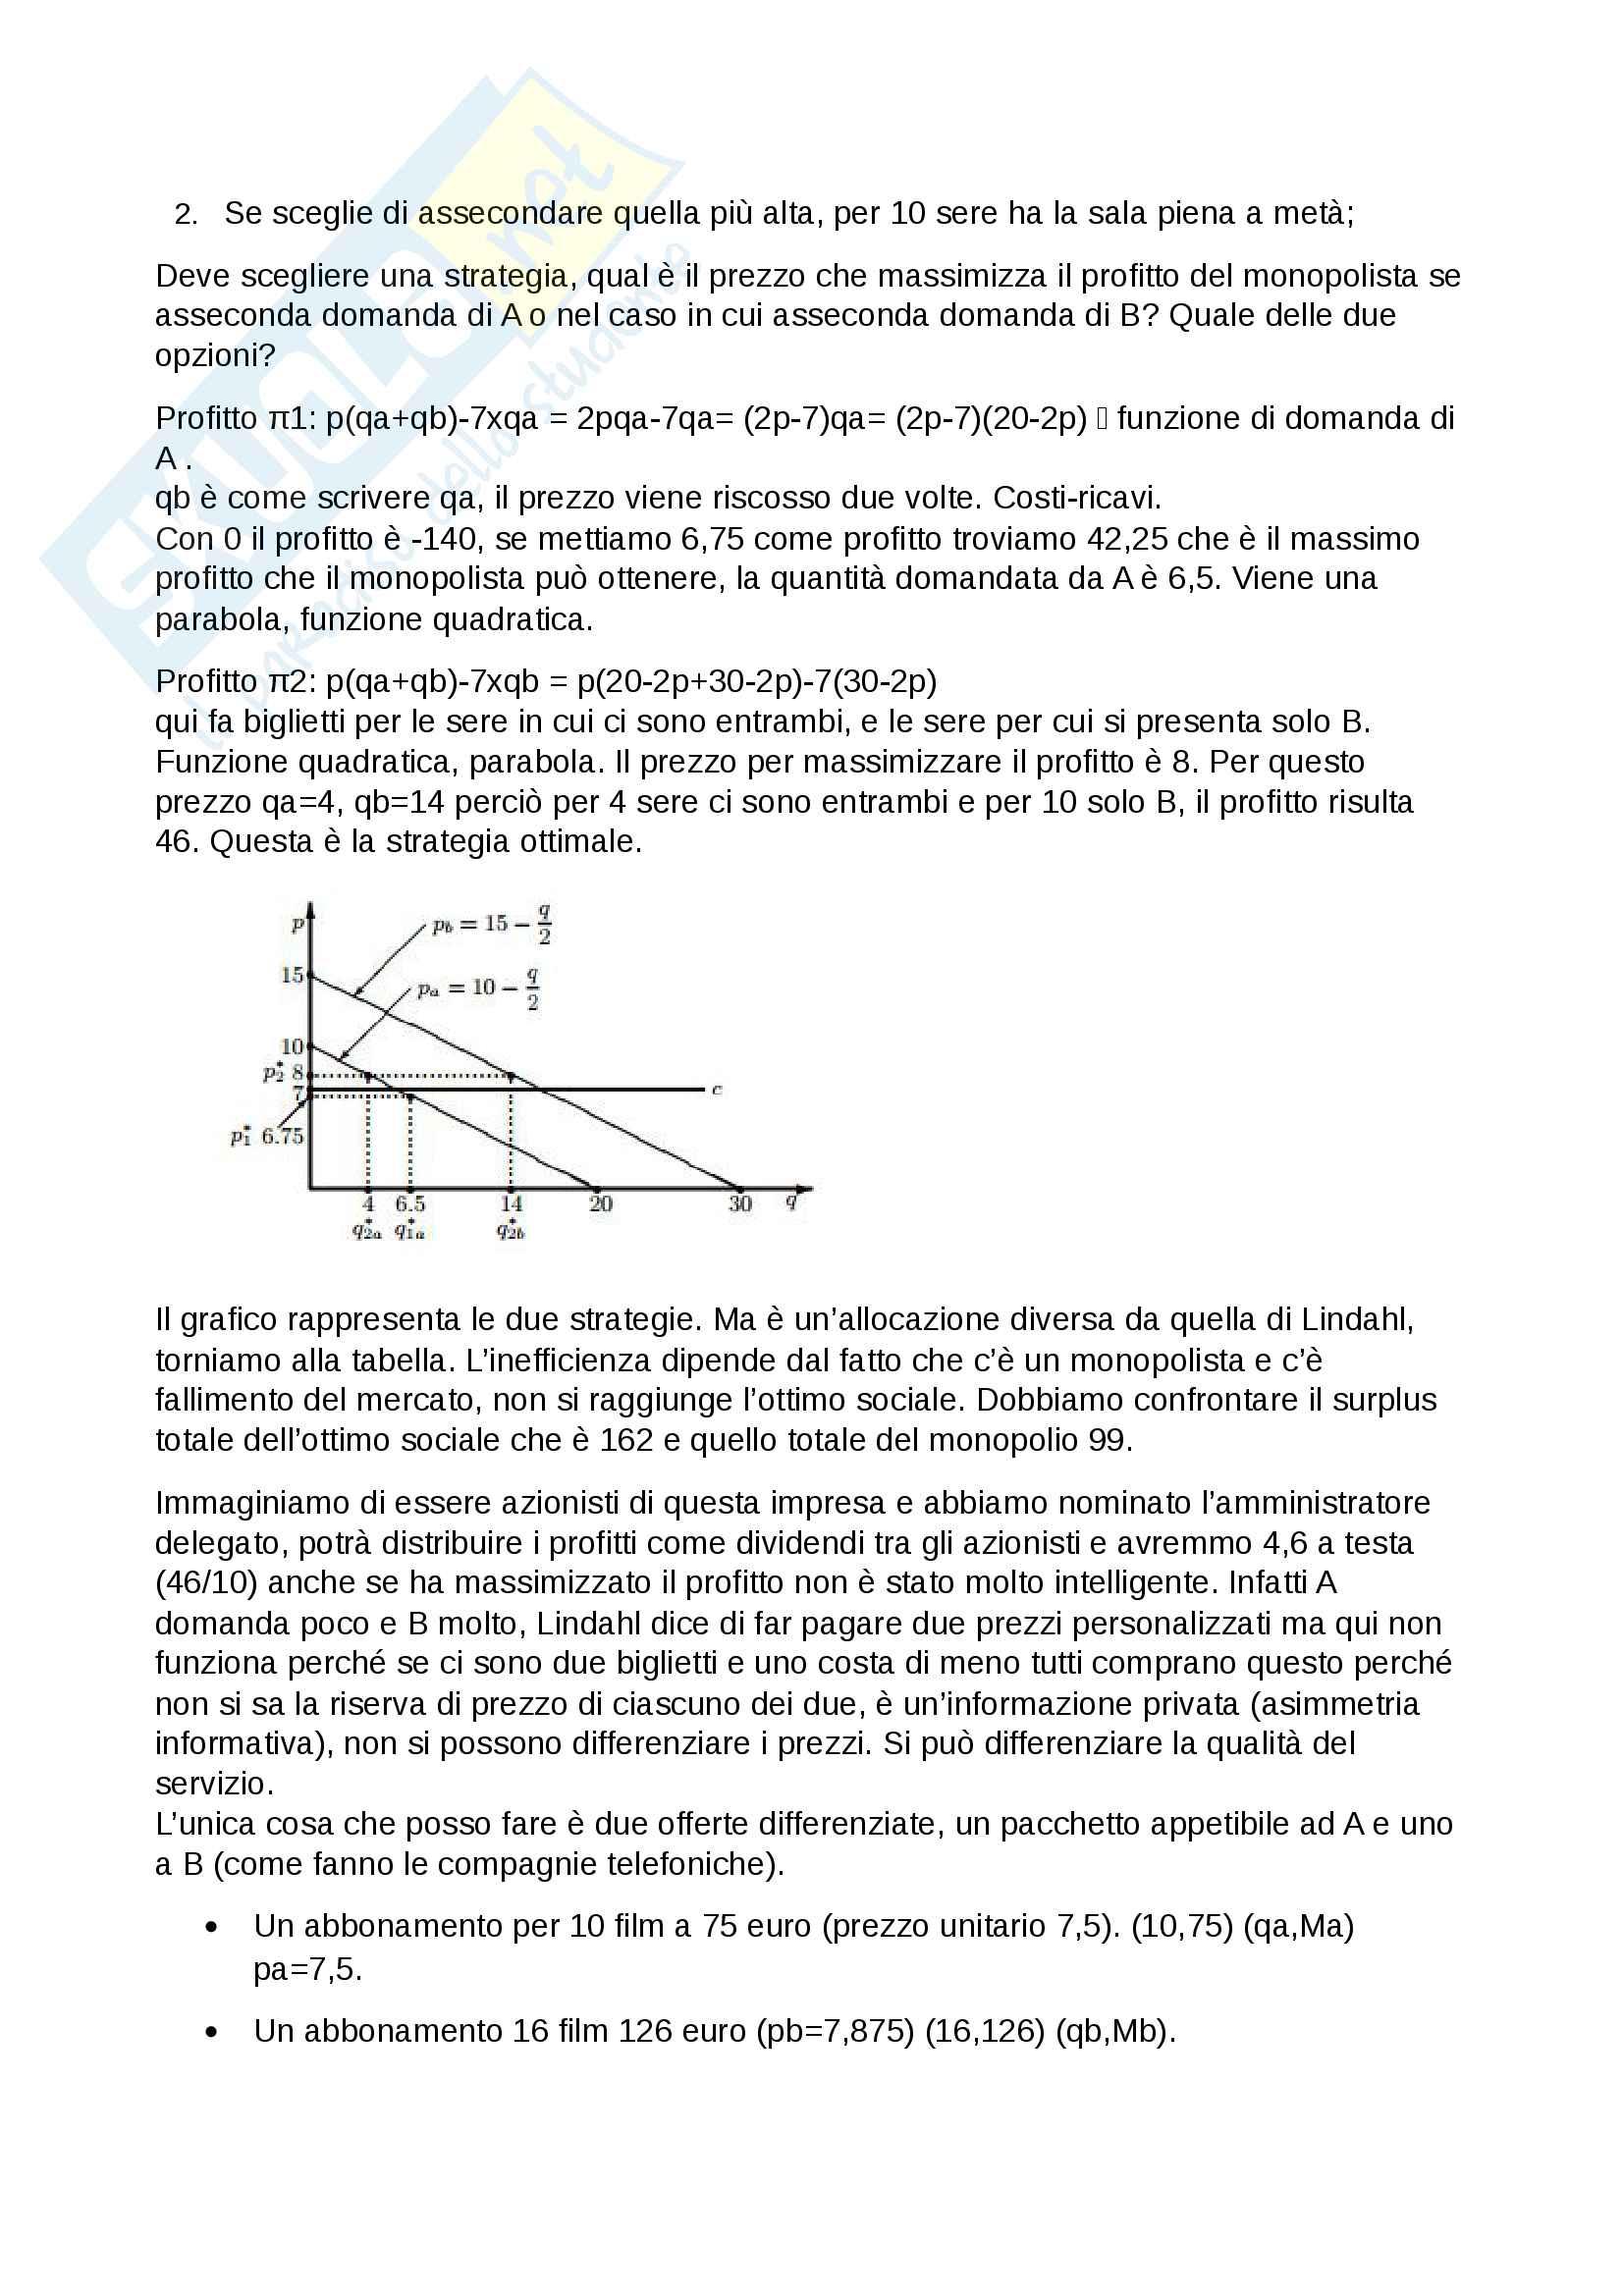 Scienza delle finanze - appunti completi per l'esame Pag. 101